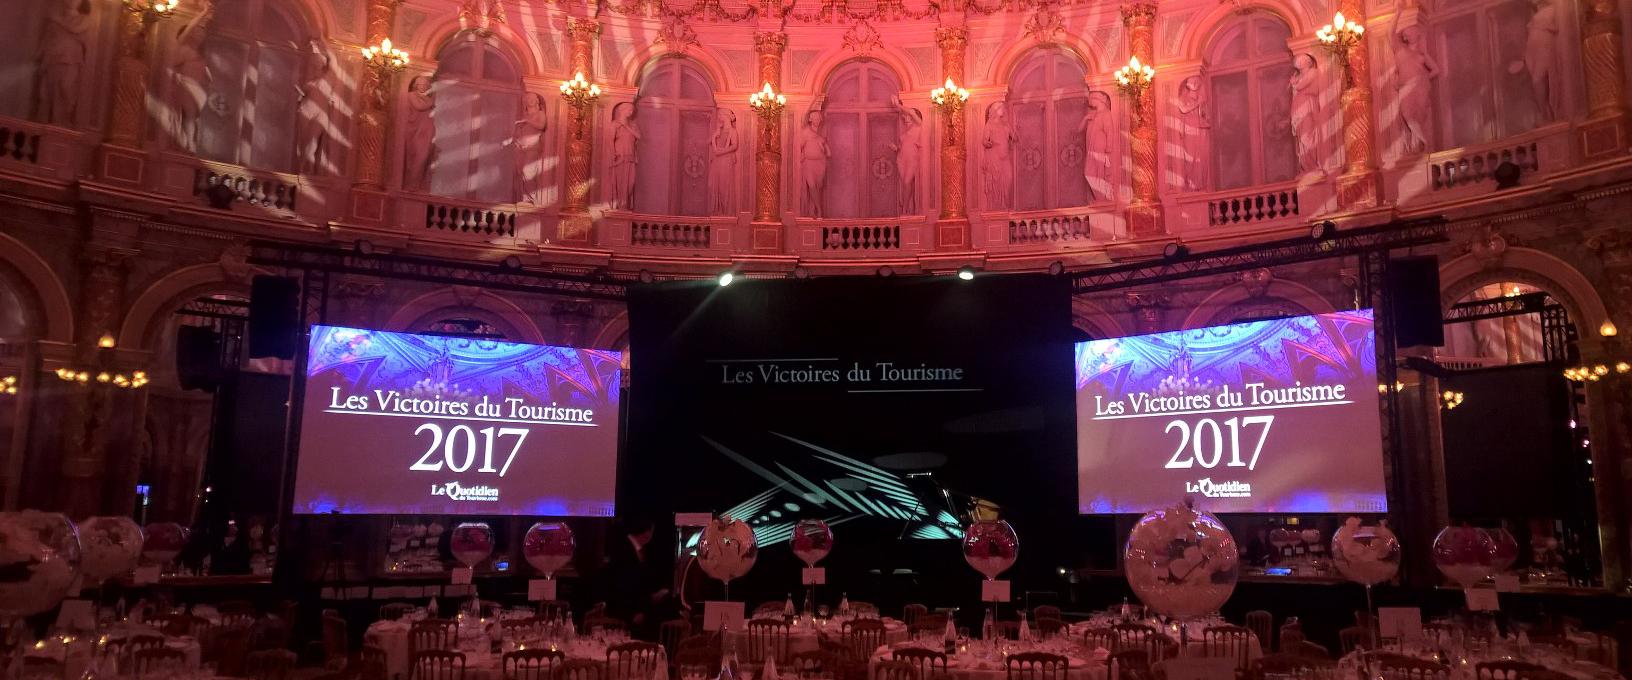 Visuel Les Victoires du Tourisme 2017 avec Larivière Organisation